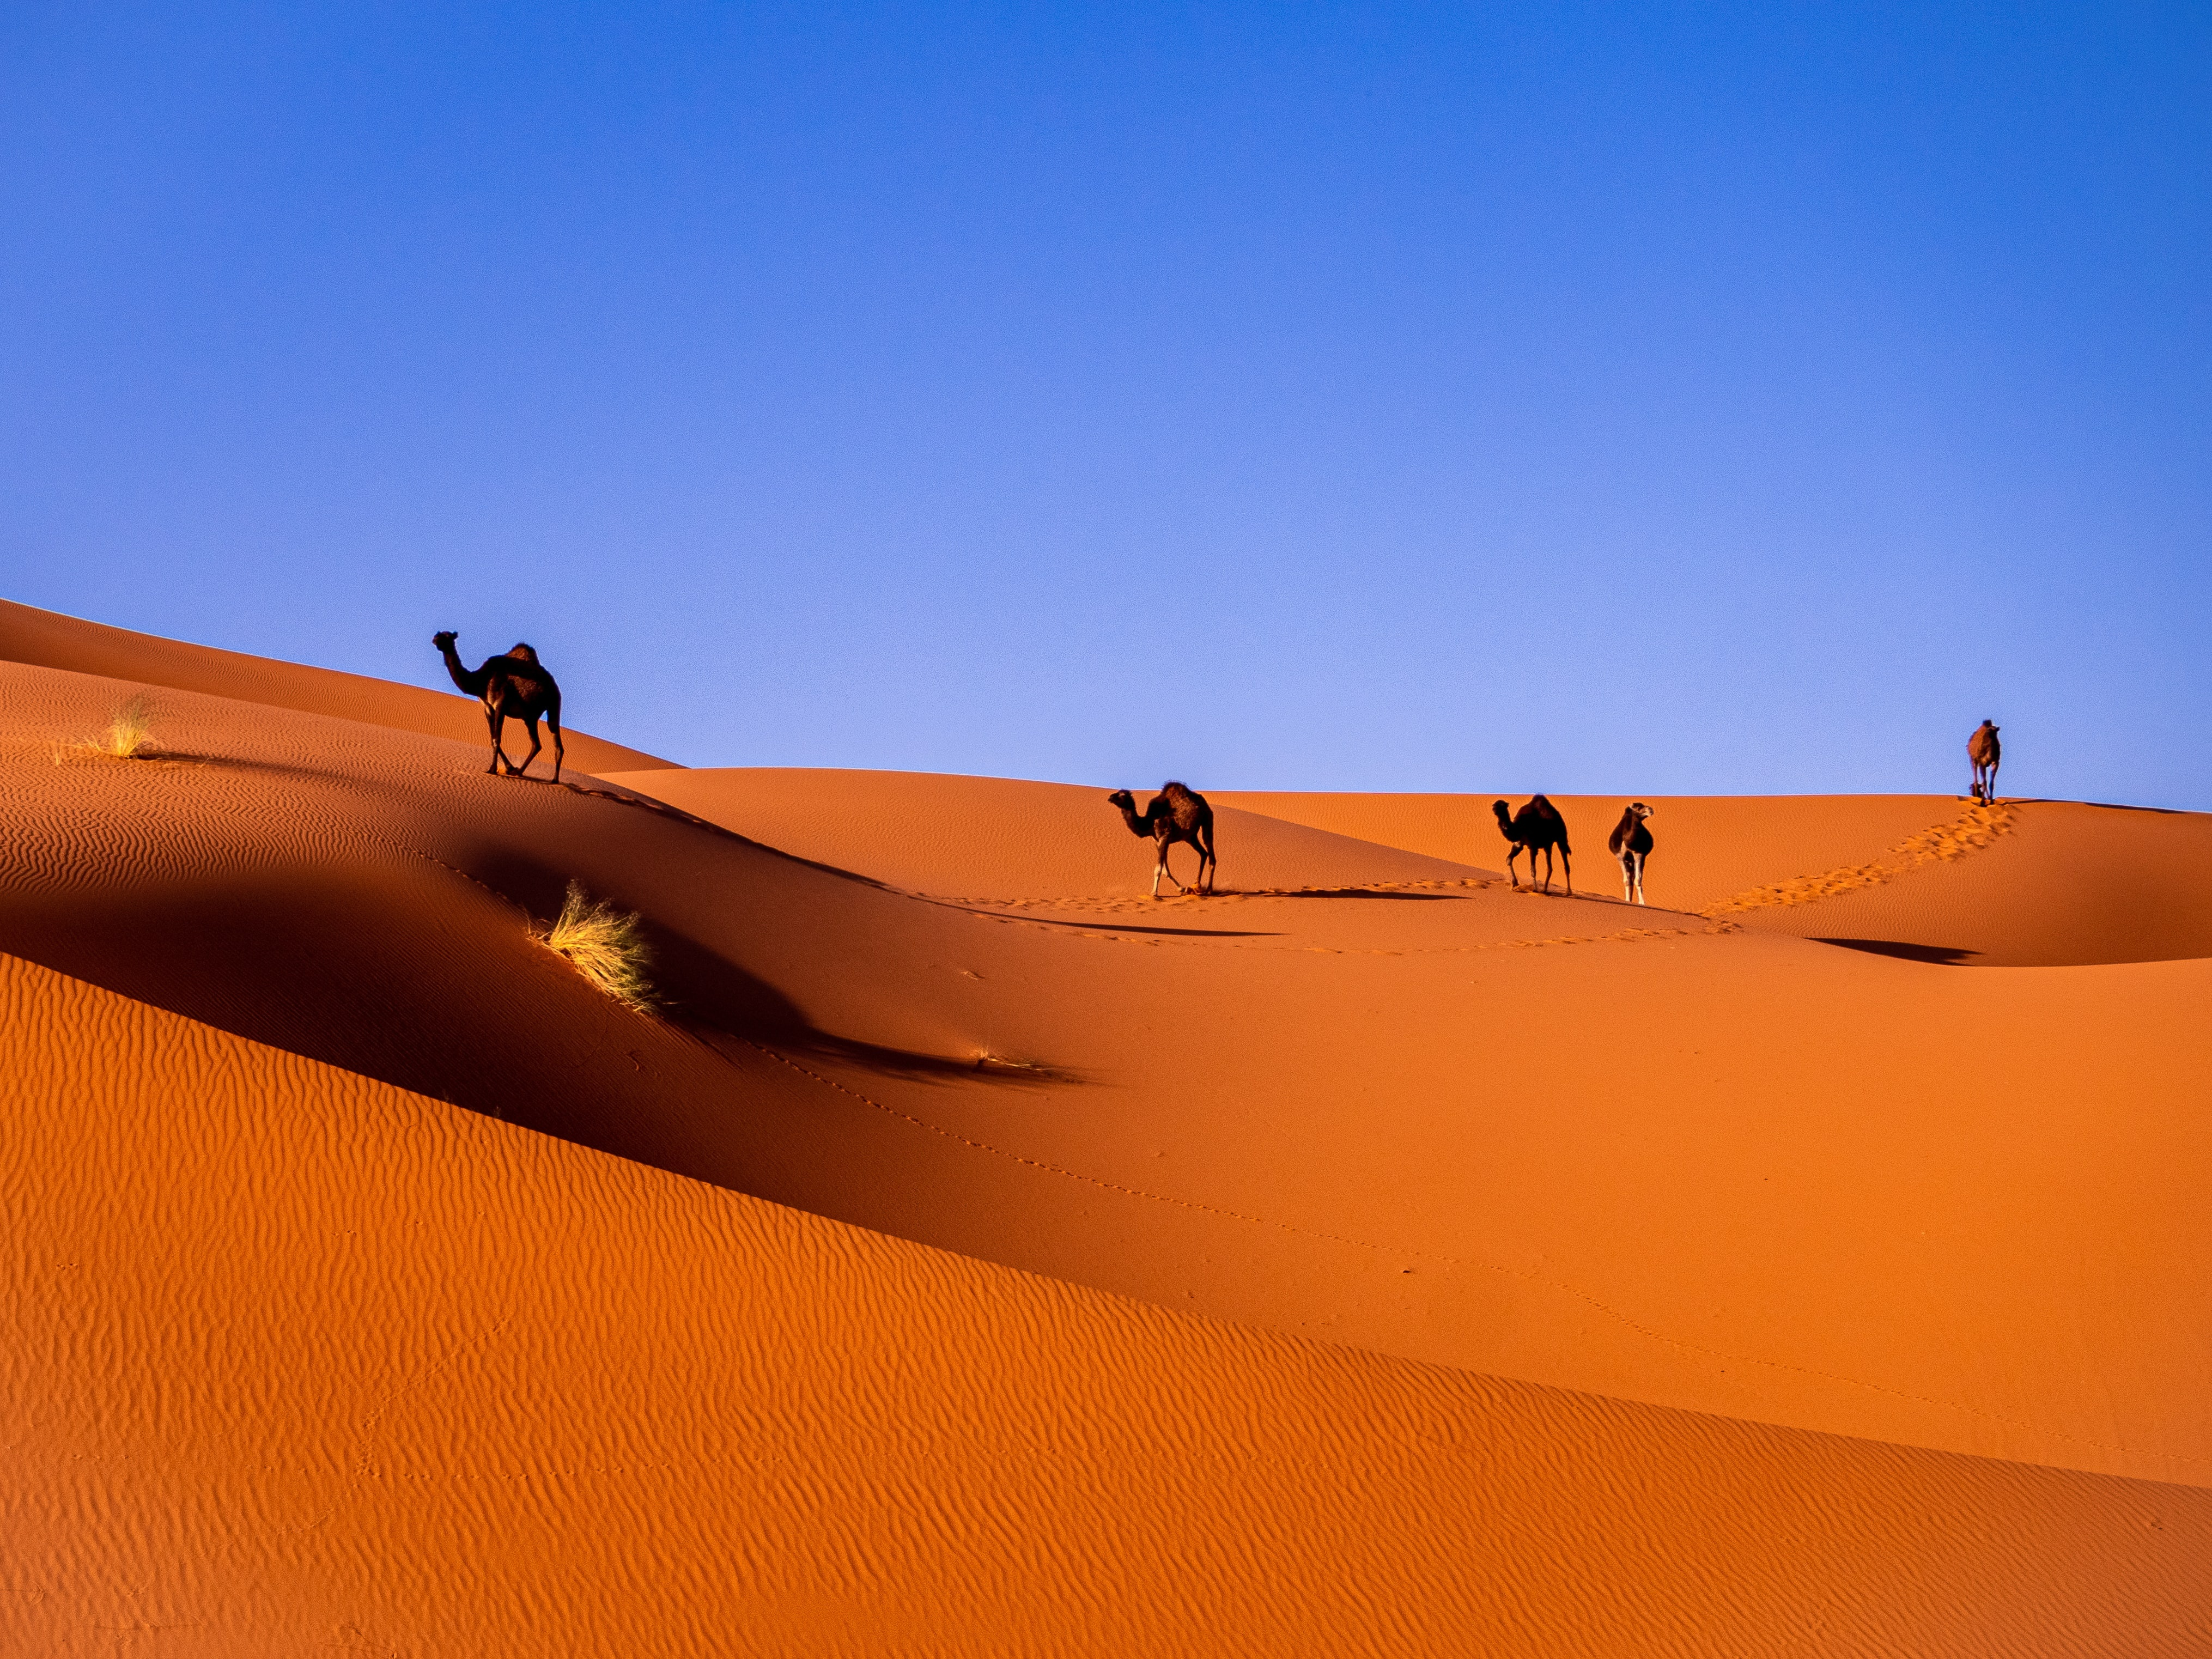 Marrakech to Merzouga - Back to Marrakech